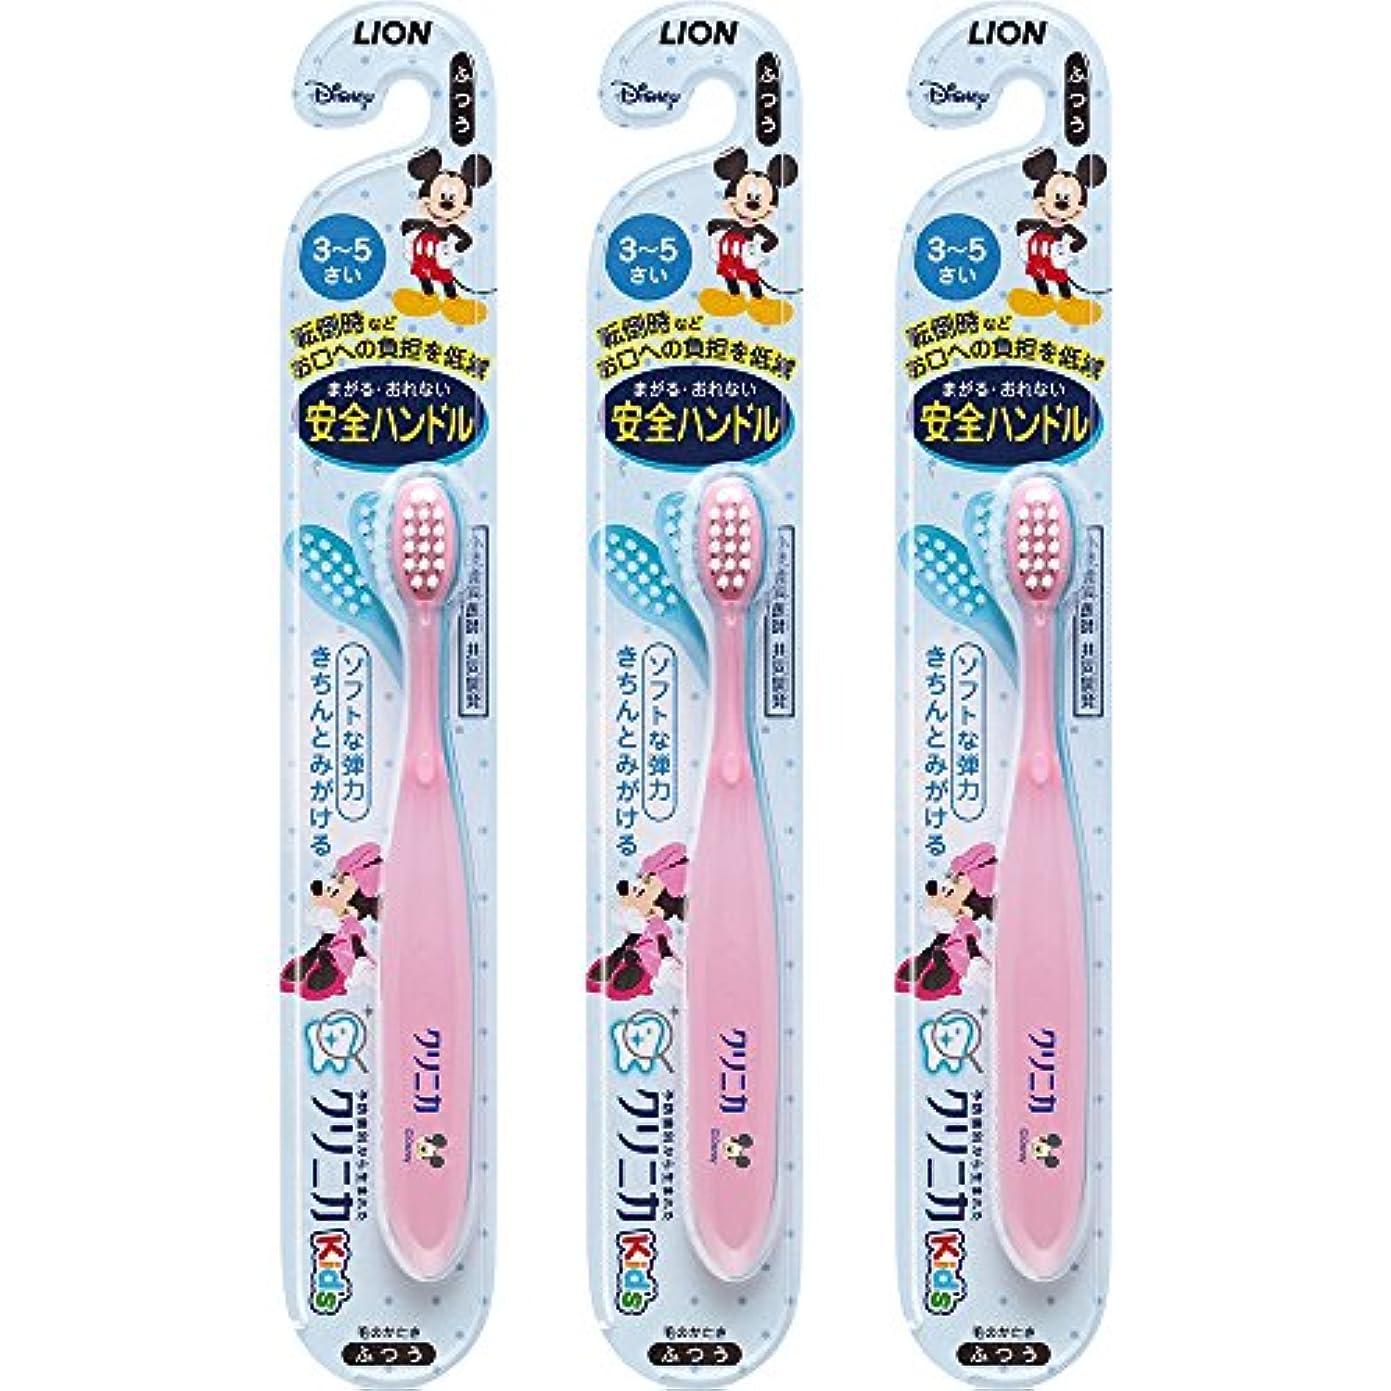 ラフ睡眠懲戒種をまくクリニカKid's ハブラシ 3-5才用 3本(ピンク)